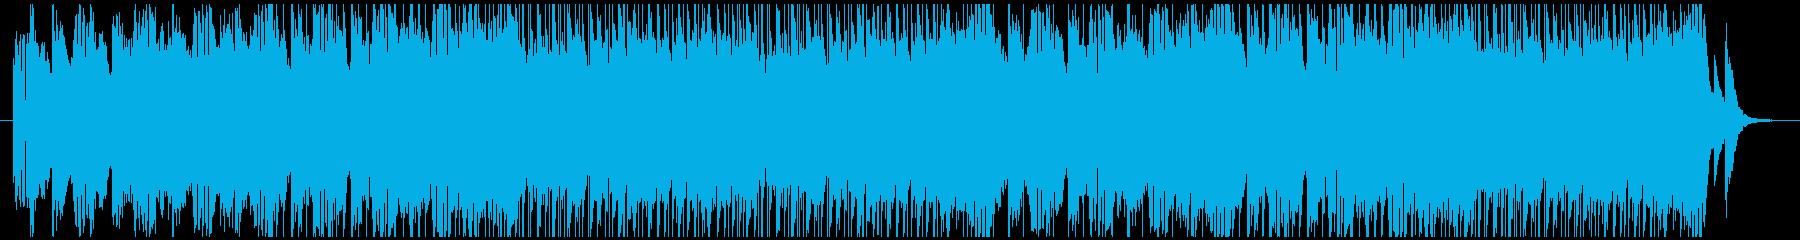 触発された光の再生済みの波形